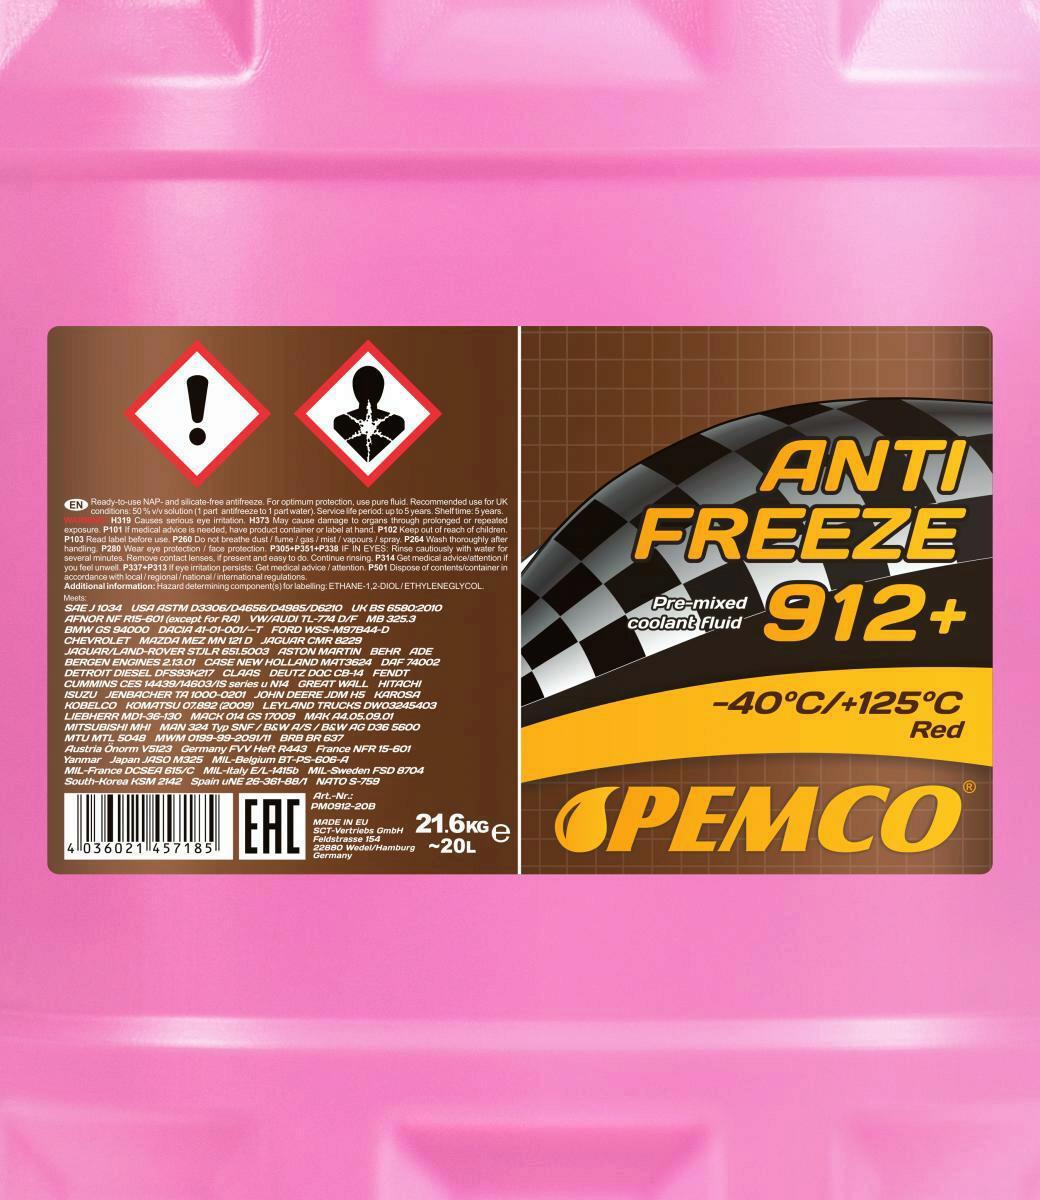 20L Pemco Frostschutz ANTIFREEZE 912+